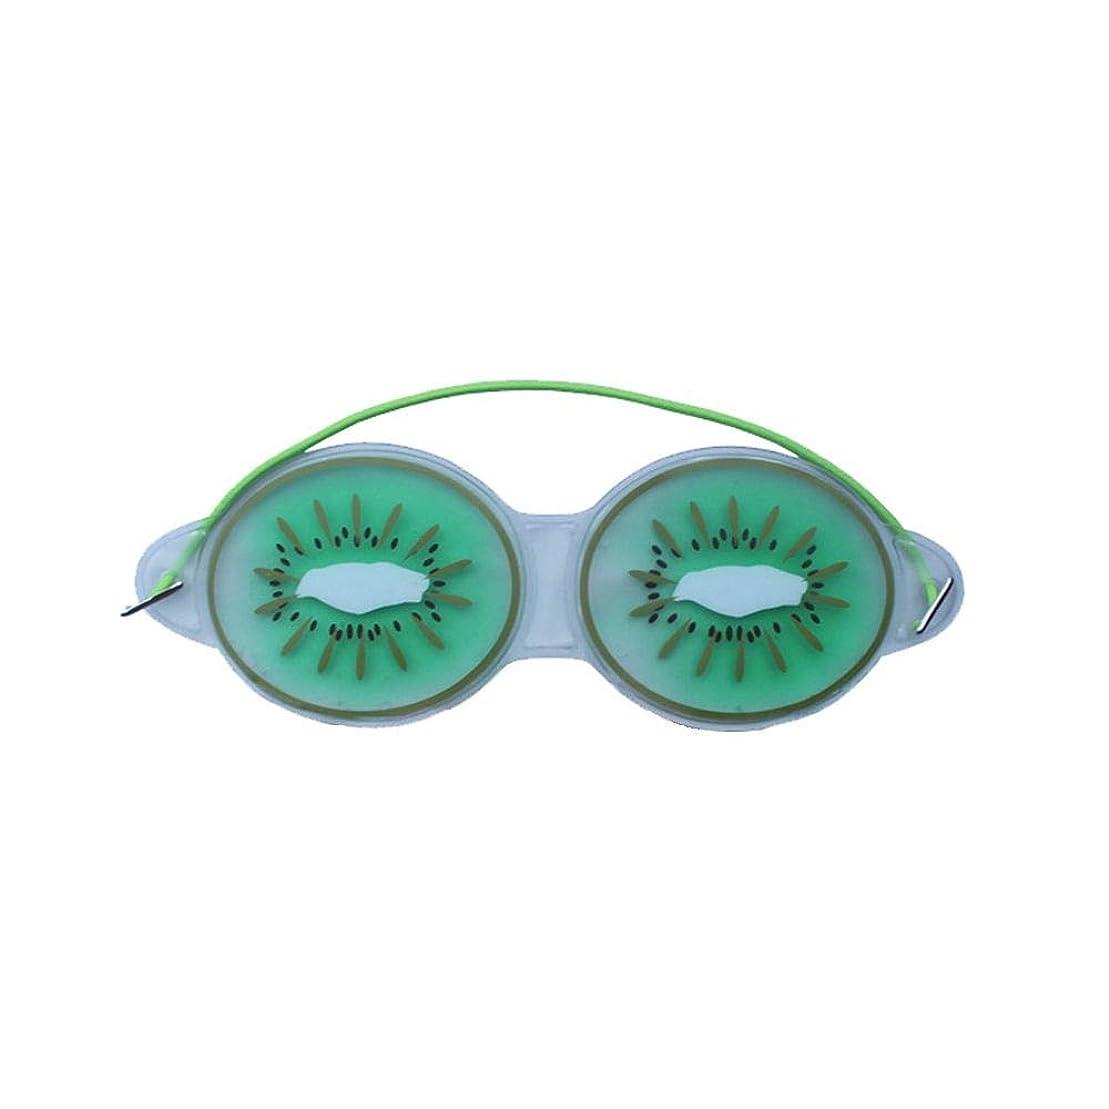 尋ねる致命的表面的なNOTE ジェルアイマスク睡眠よく圧縮かわいいフルーツジェル疲労緩和冷却アイケアリラクゼーションシールドアイケアツール